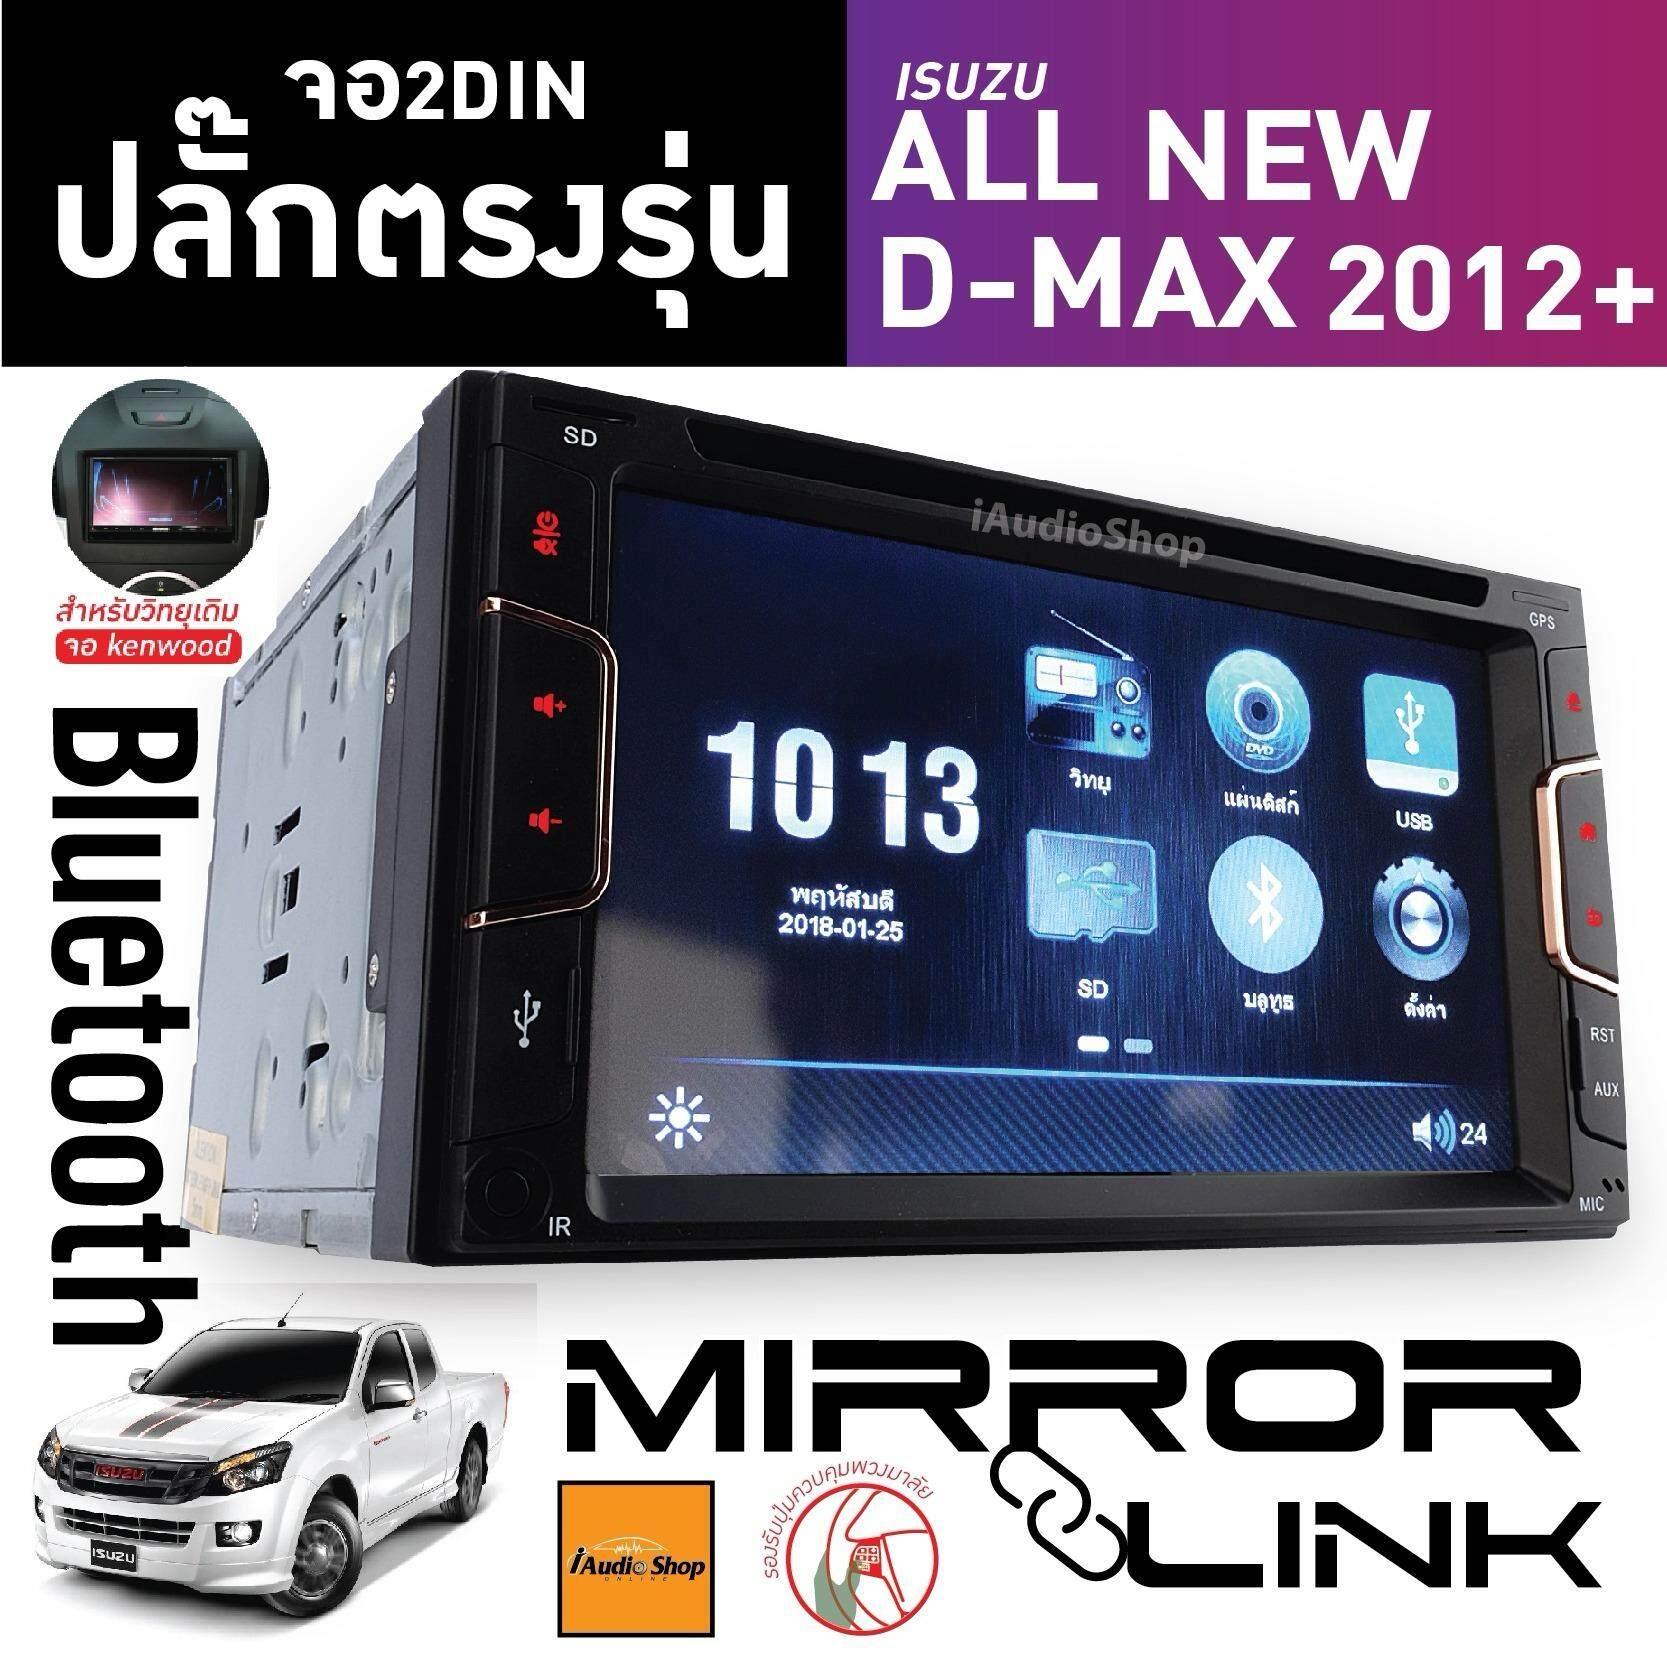 ขาย Black Magic ปลั๊กตรงรุ่น ระบบมิลเลอร์ลิงค์ วิทยุติดรถยนต์ จอติดรถยนต์ จอ2Din วิทยุ2Din จอตรงรุ่น Bmg 6517 Mirror Link อีซูสุ ออลนิว ดีแมค All New Dmax 12 15 ปลั๊กตรงรุ่นไม่ต้องตัดต่อสายไฟ สำหรับวิทยุเดิมเป็นจอKenwood ชุดนี้ไม่ต้องใช้หน้ากาก ผู้ค้าส่ง